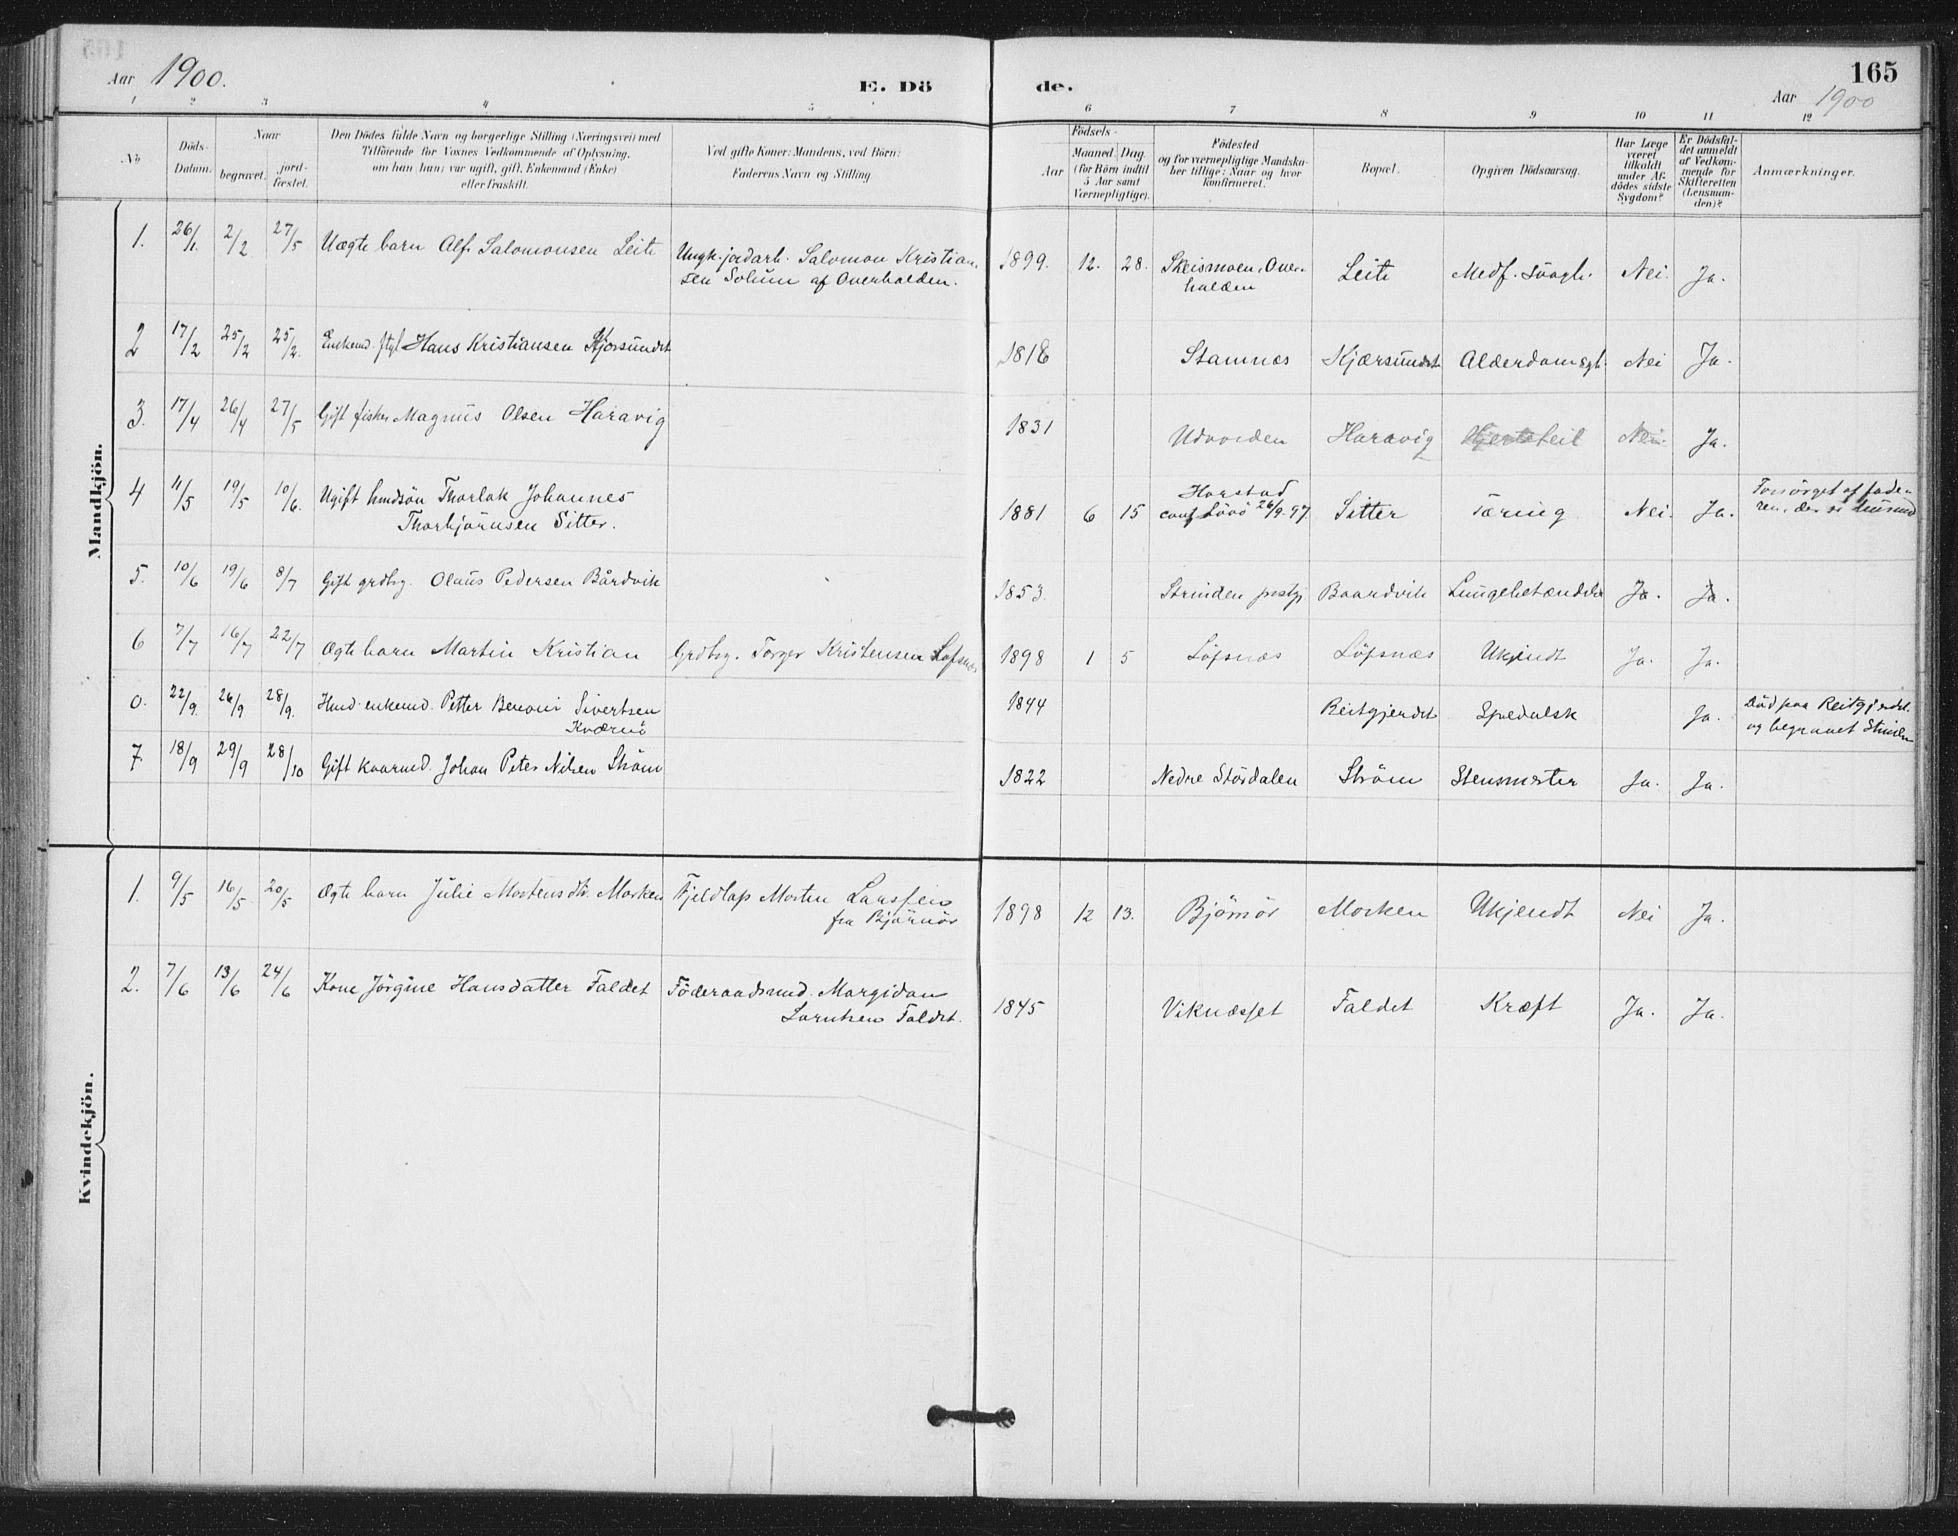 SAT, Ministerialprotokoller, klokkerbøker og fødselsregistre - Nord-Trøndelag, 772/L0603: Ministerialbok nr. 772A01, 1885-1912, s. 165